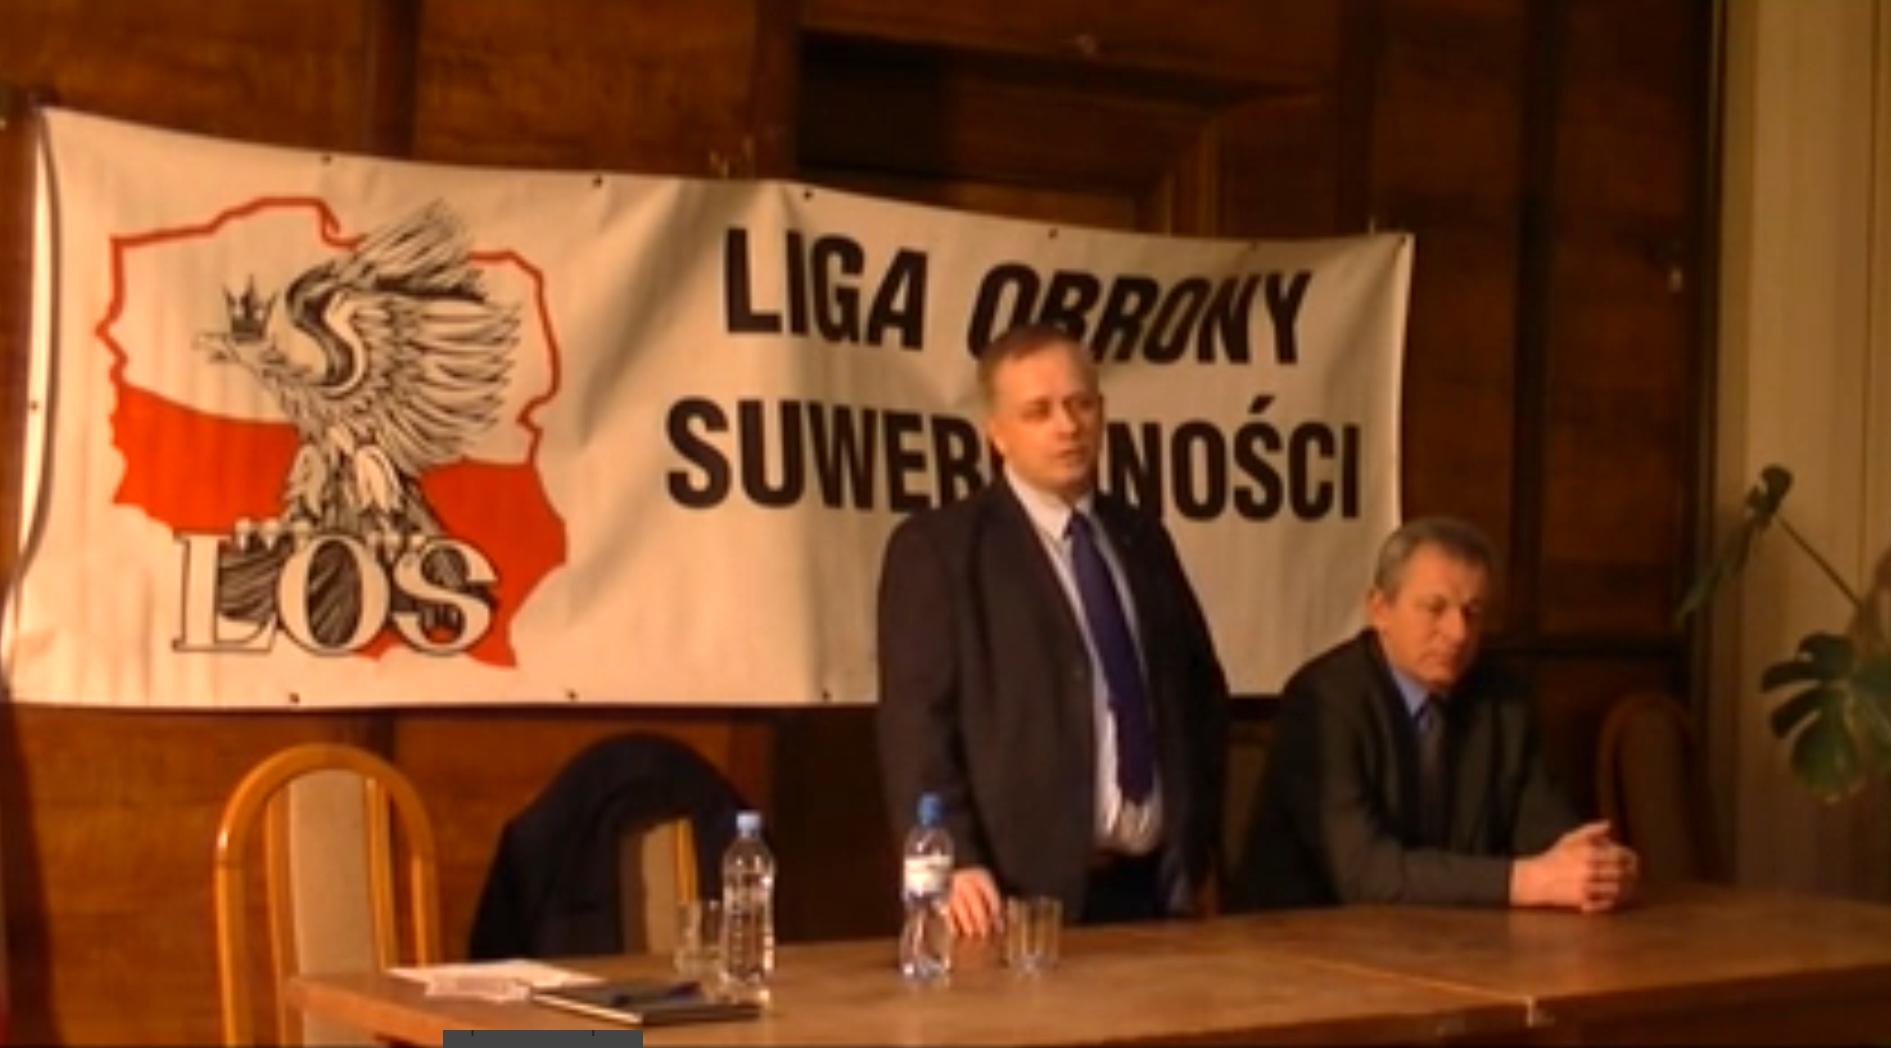 WOLNY CZYN: Wojciech Podjacki (Liga Obrony Suwerenności) w Katowicach